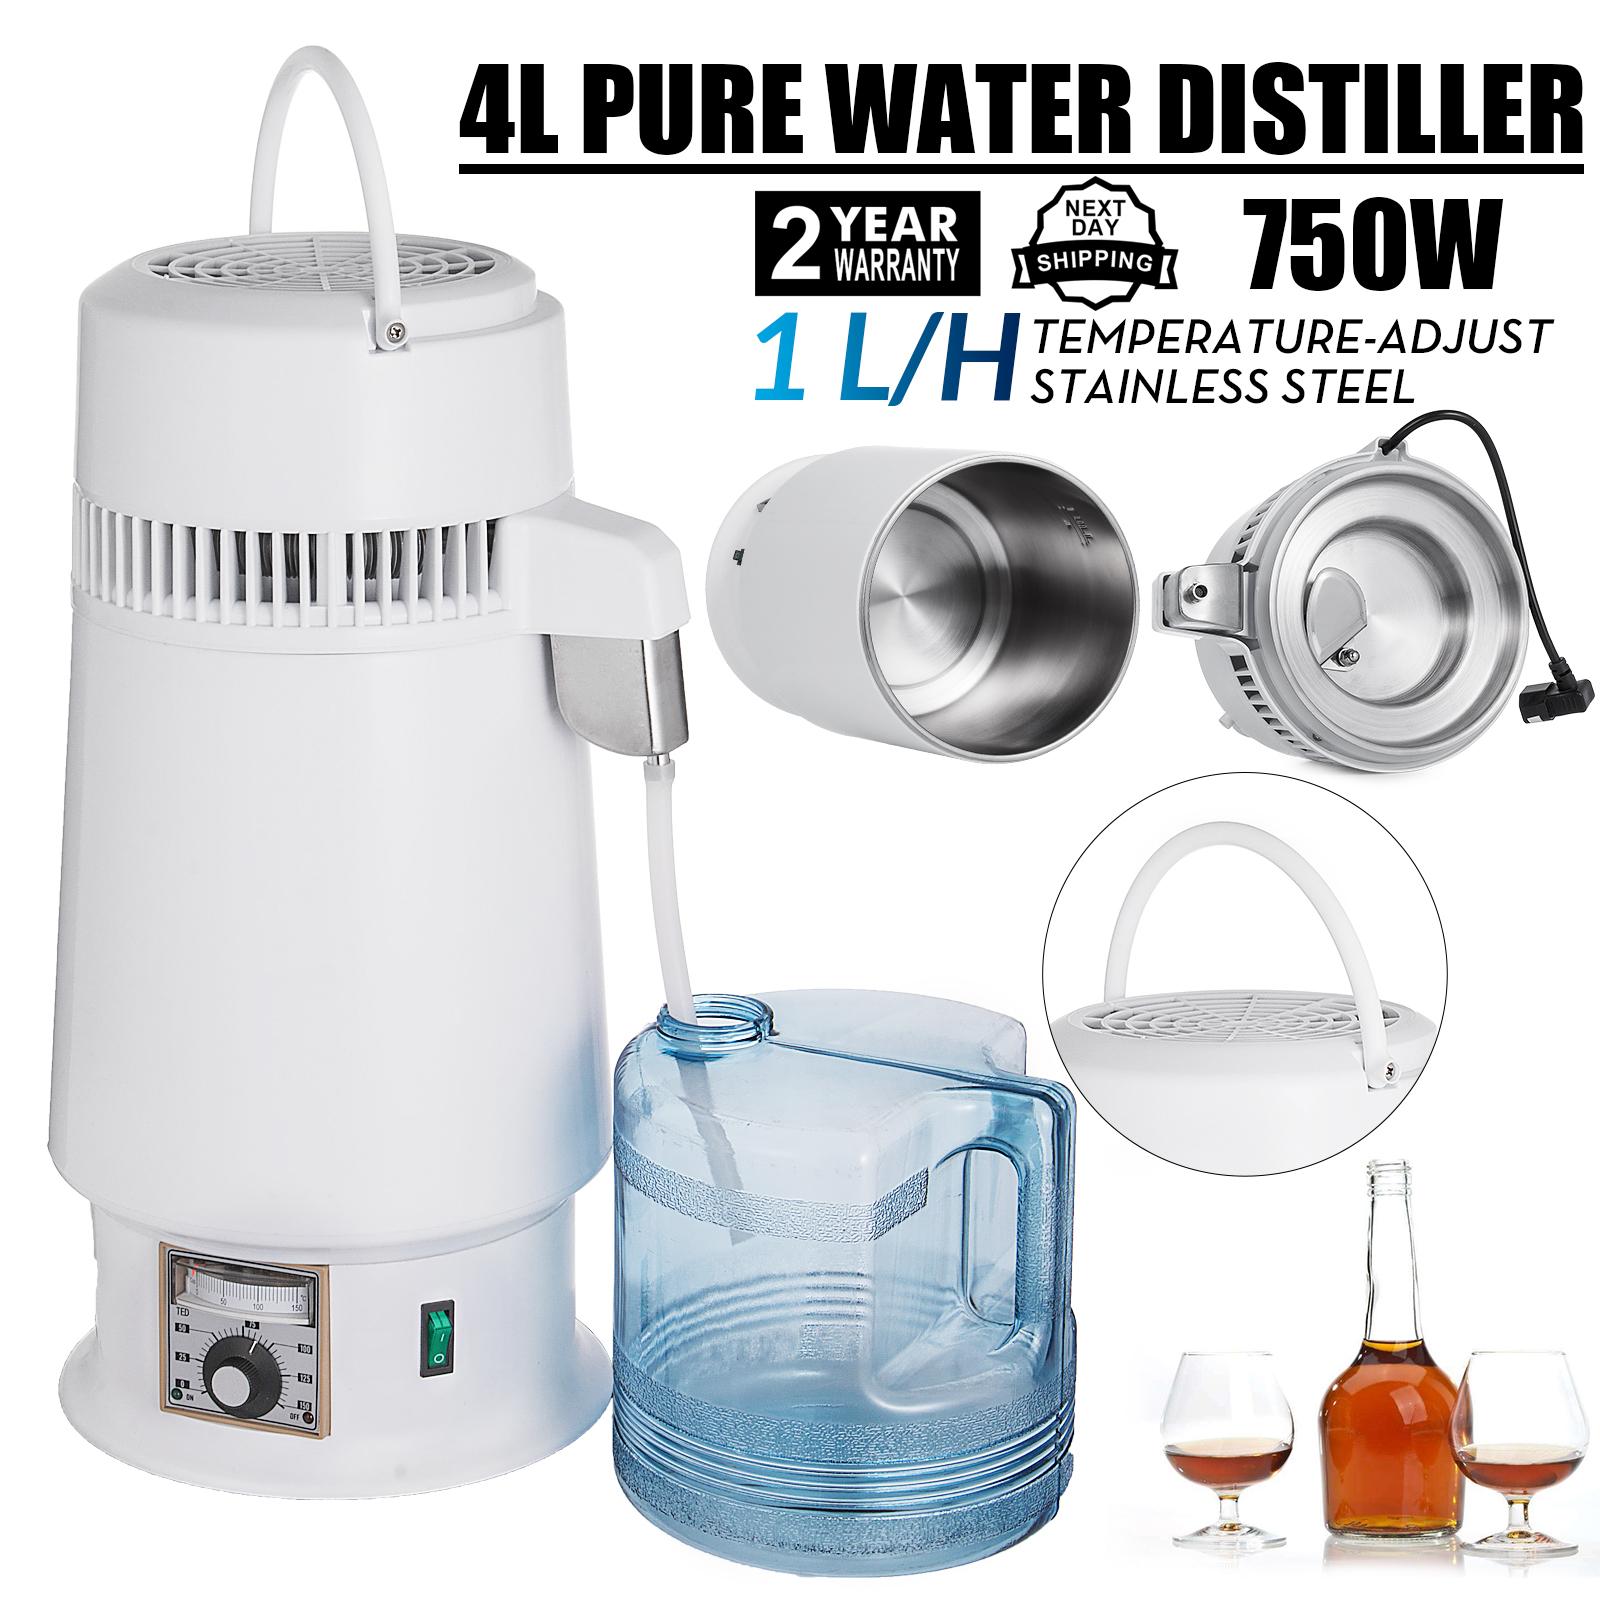 750W-4L-Wasser-Destilliergeraet-Water-Distiller-Einmachglas-Wasserflasche-Zuhause Indexbild 73